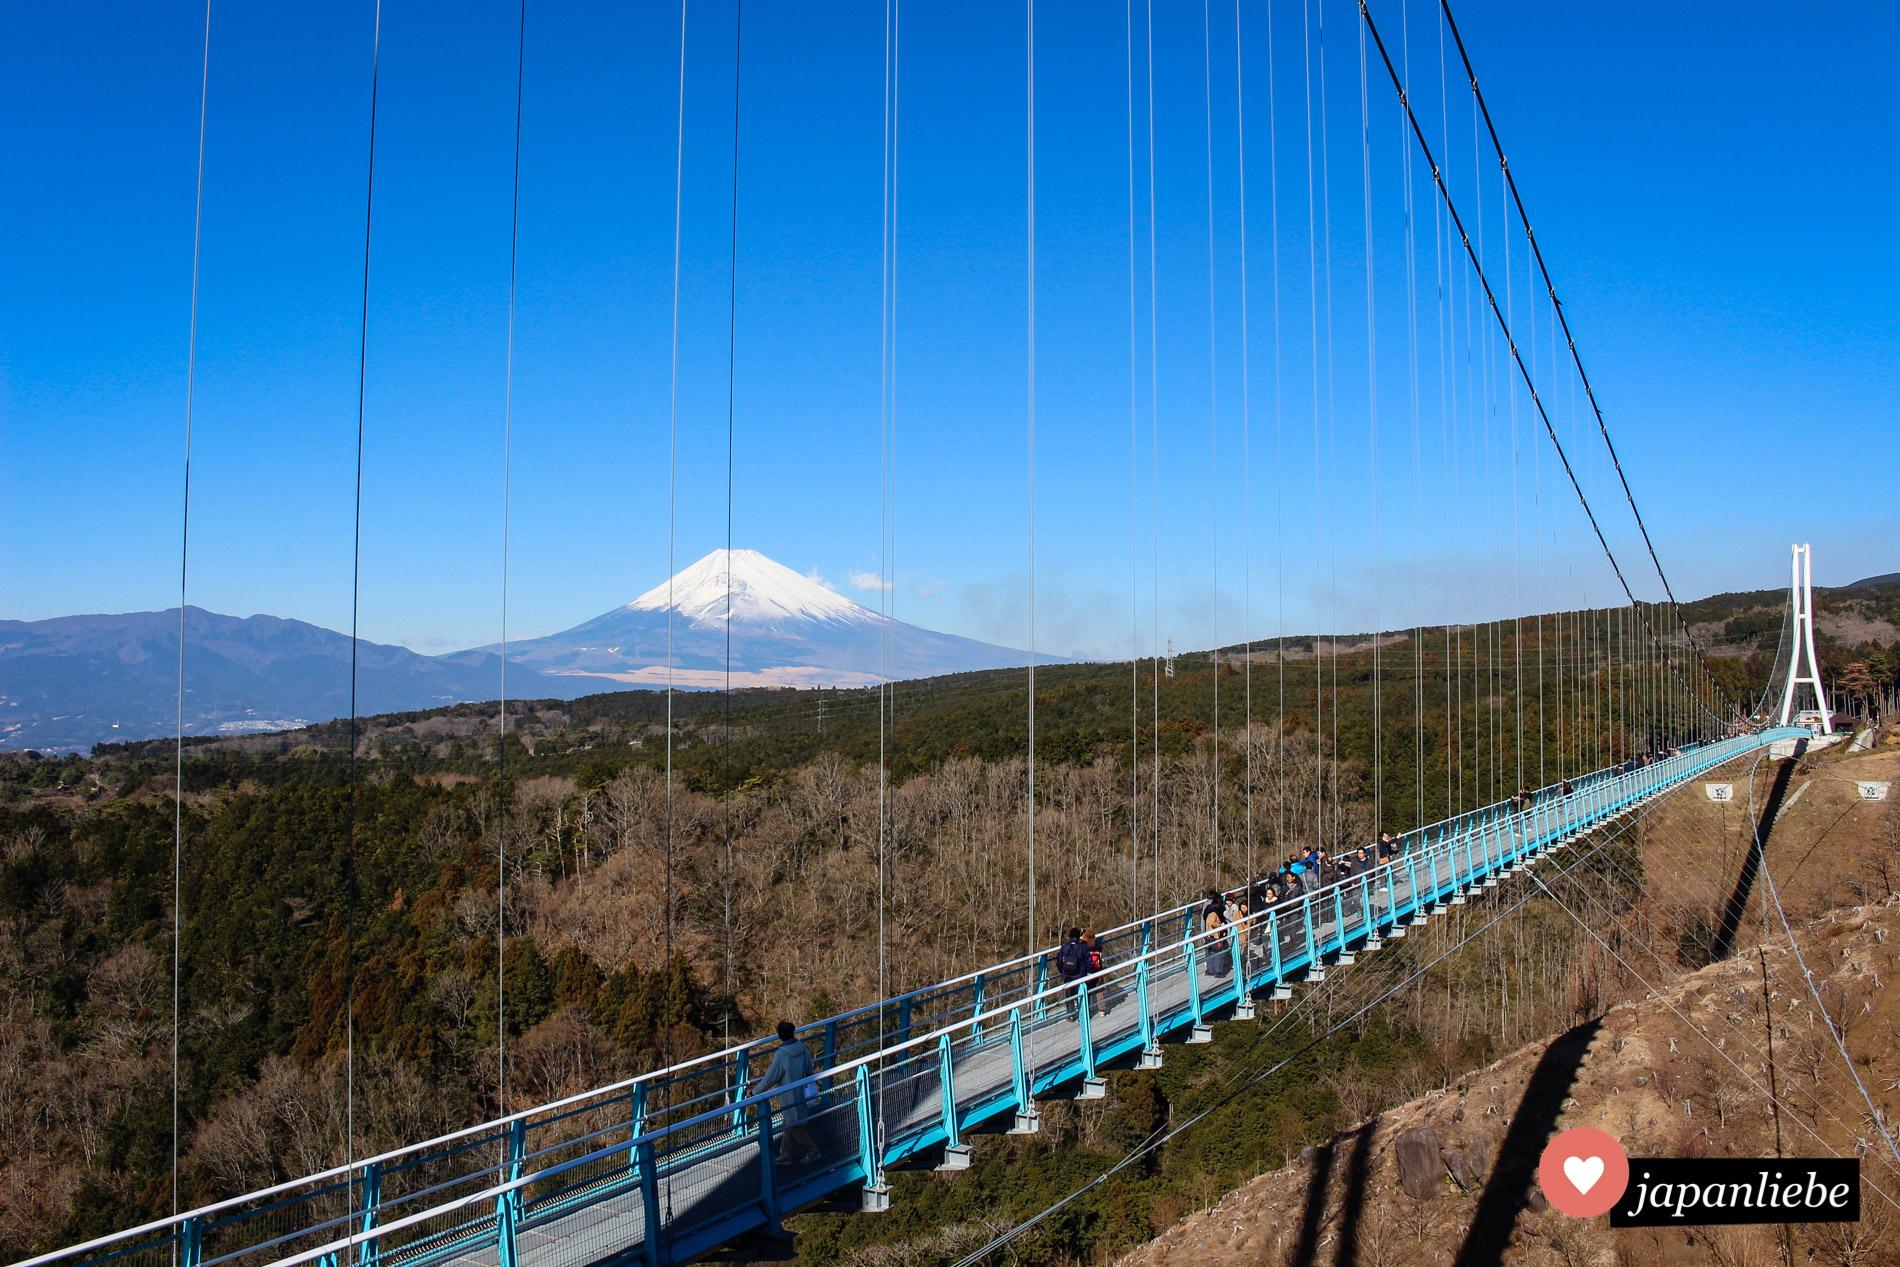 Einen traumhaften Blick auf den Fuji bietet die längste Fußgänger-Hängebrücke Japans: der Mishima Skywalk.